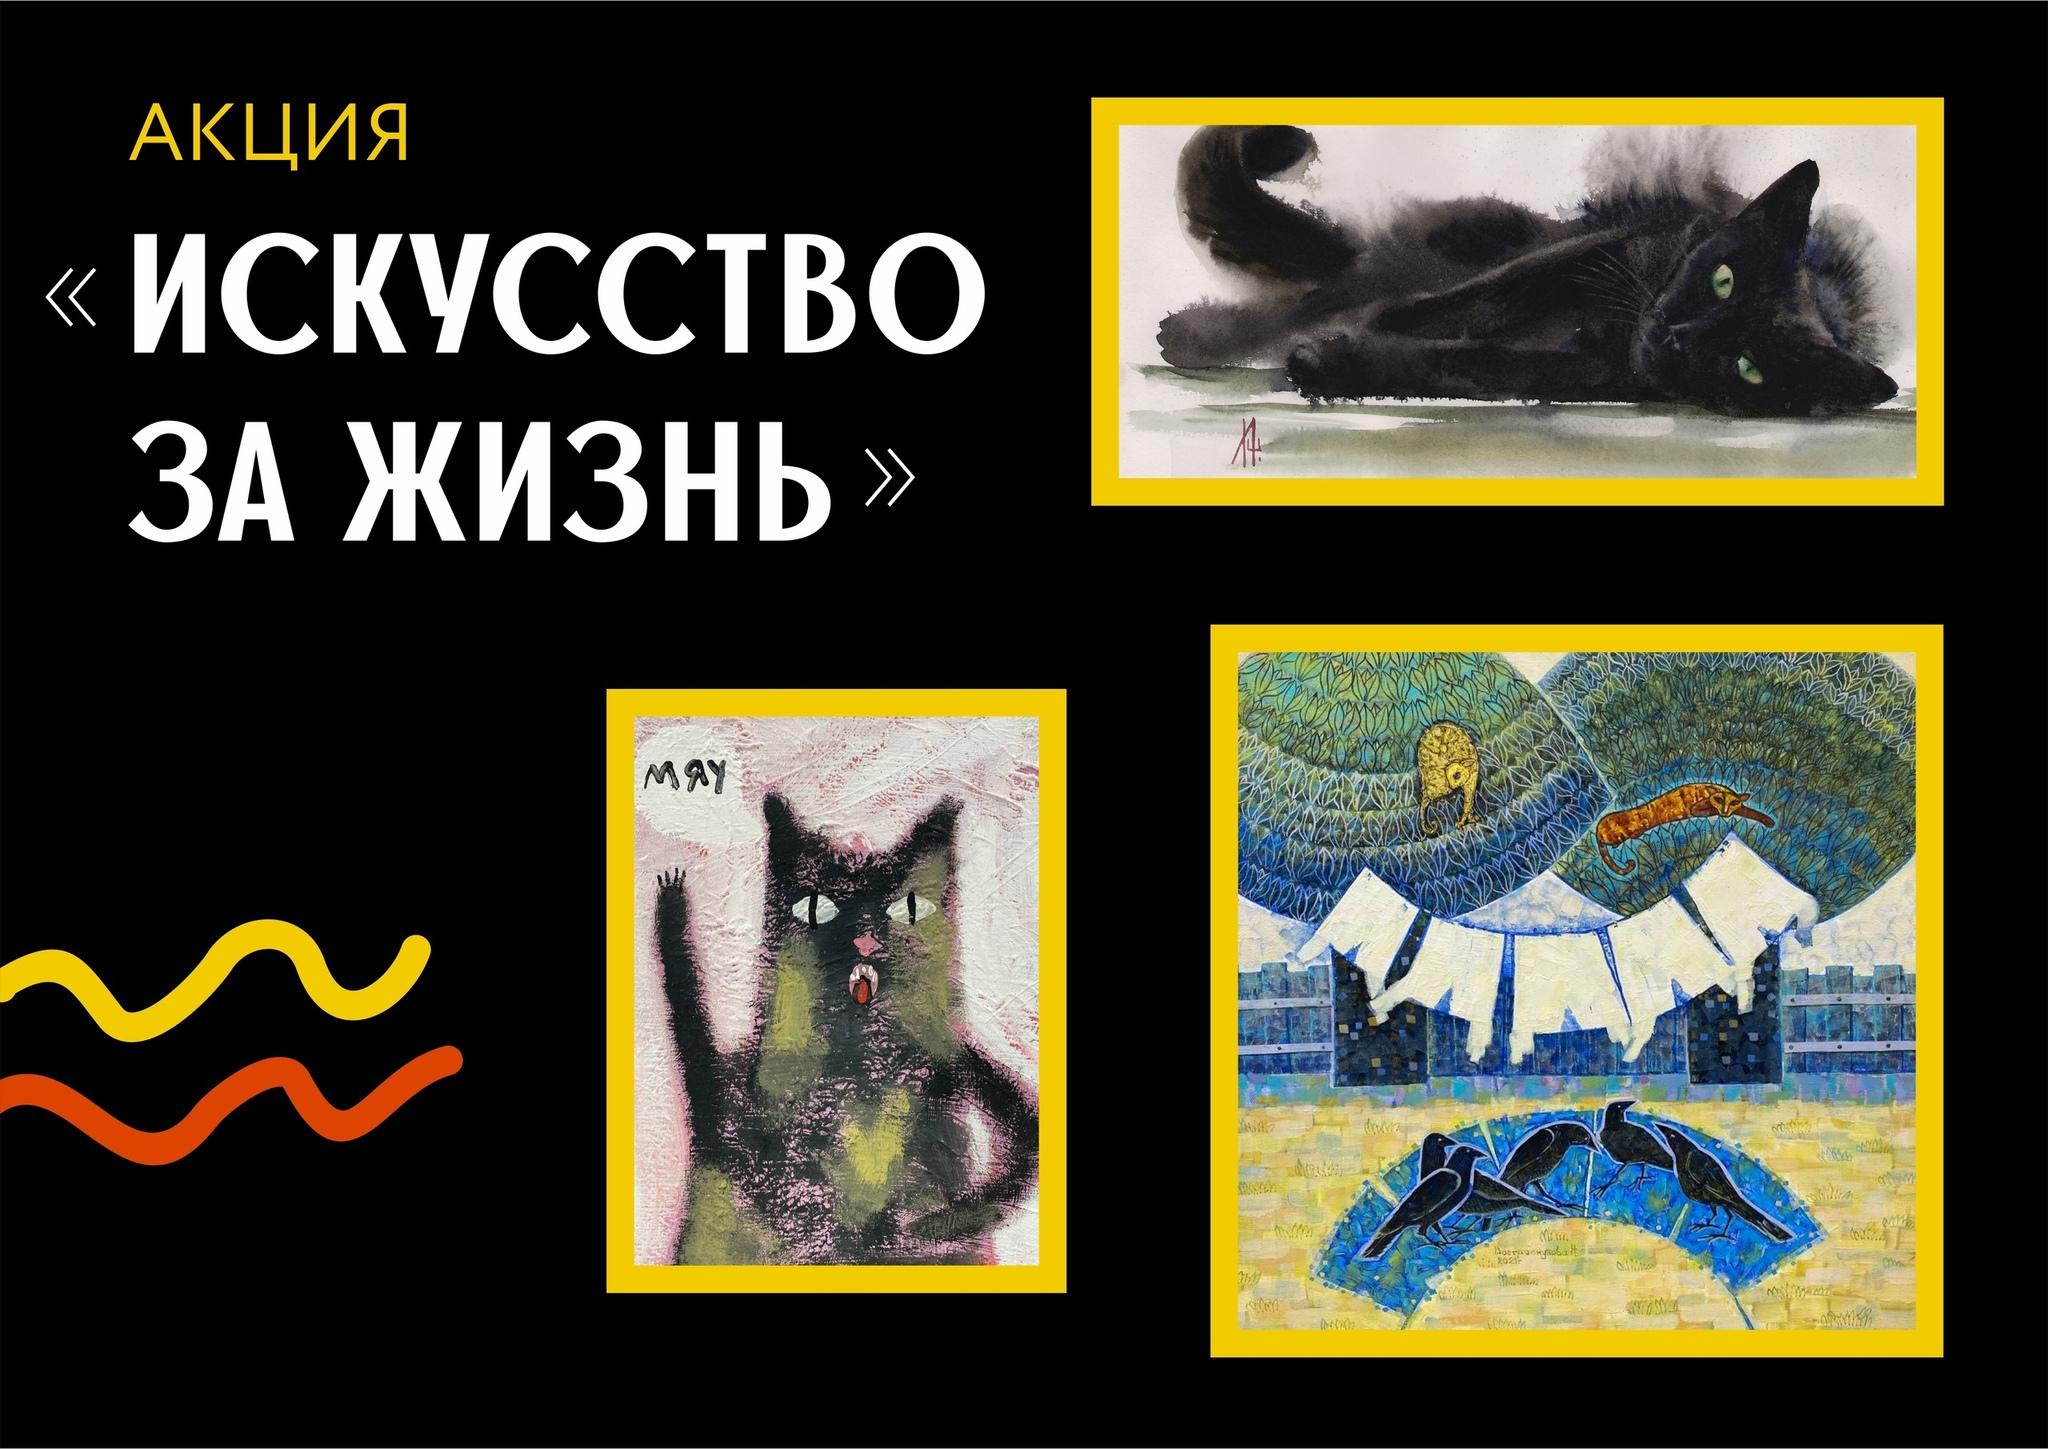 Афиша Ижевска — Акция «Искусство за жизнь»